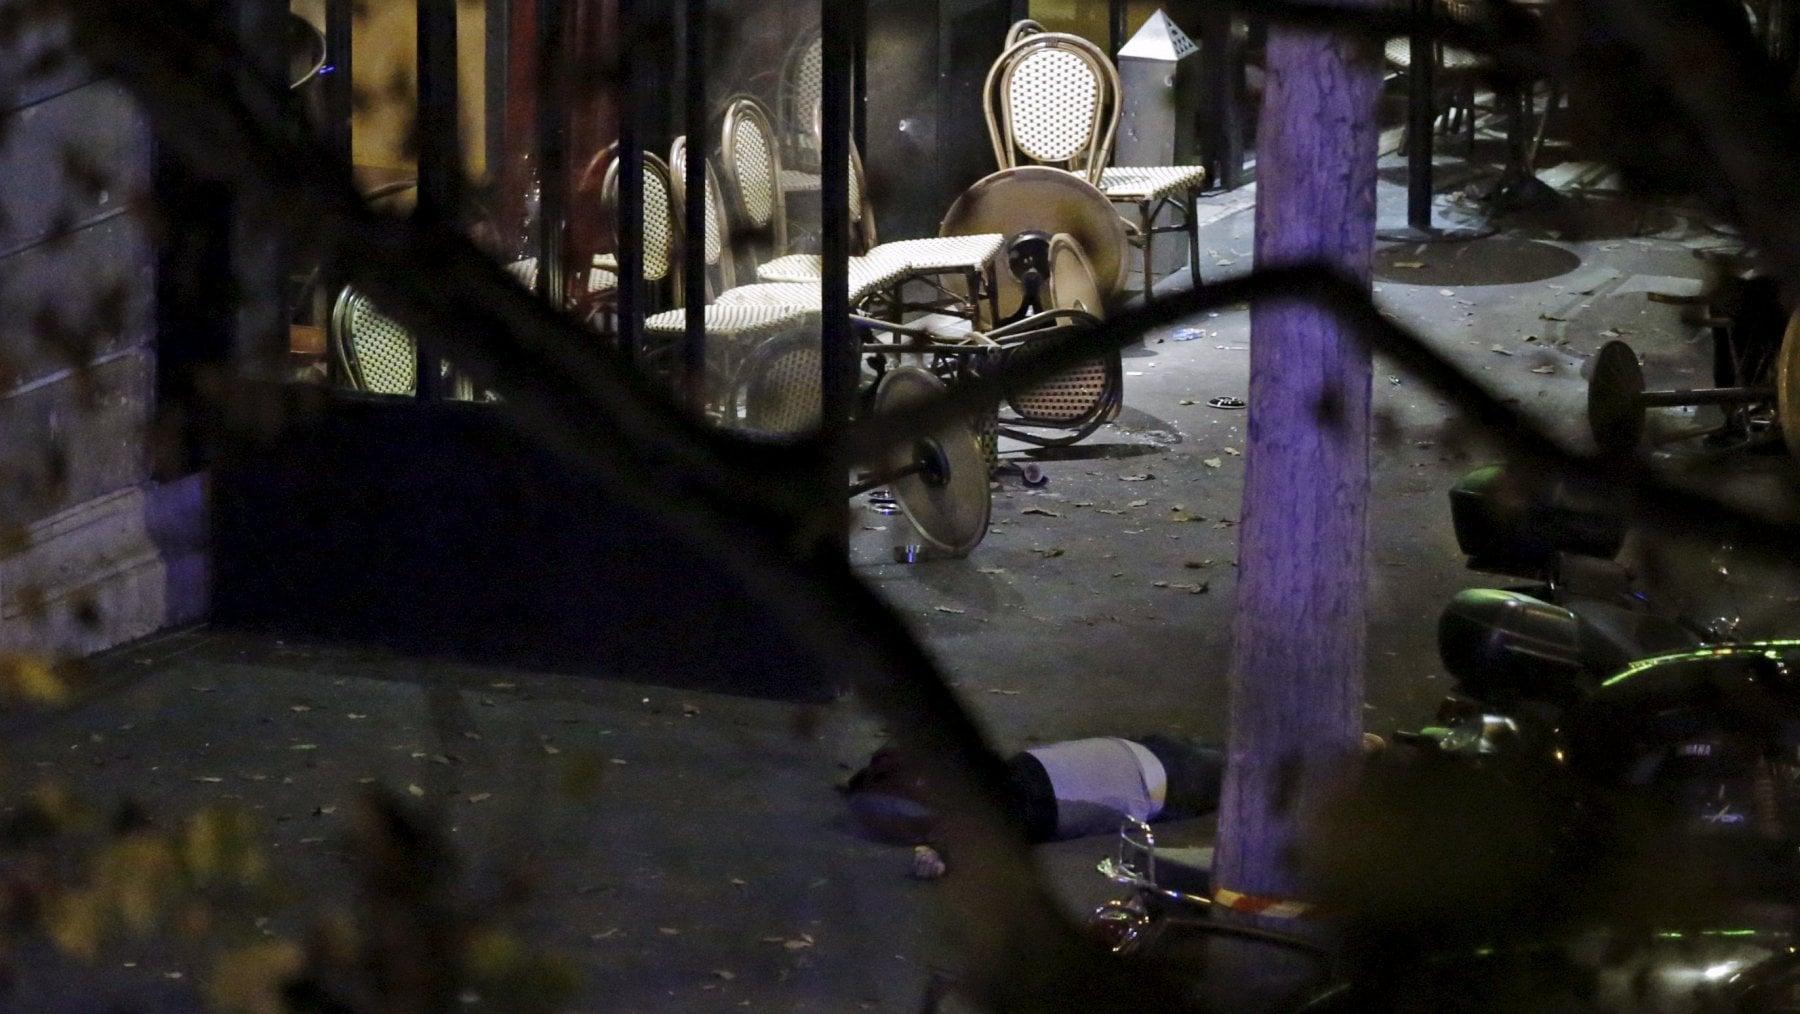 """222740315 ffb32994 0c68 448d 96c9 b9e0e434144f - """"Resto un combattente"""". Non si pente il terrorista della strage del Bataclan"""